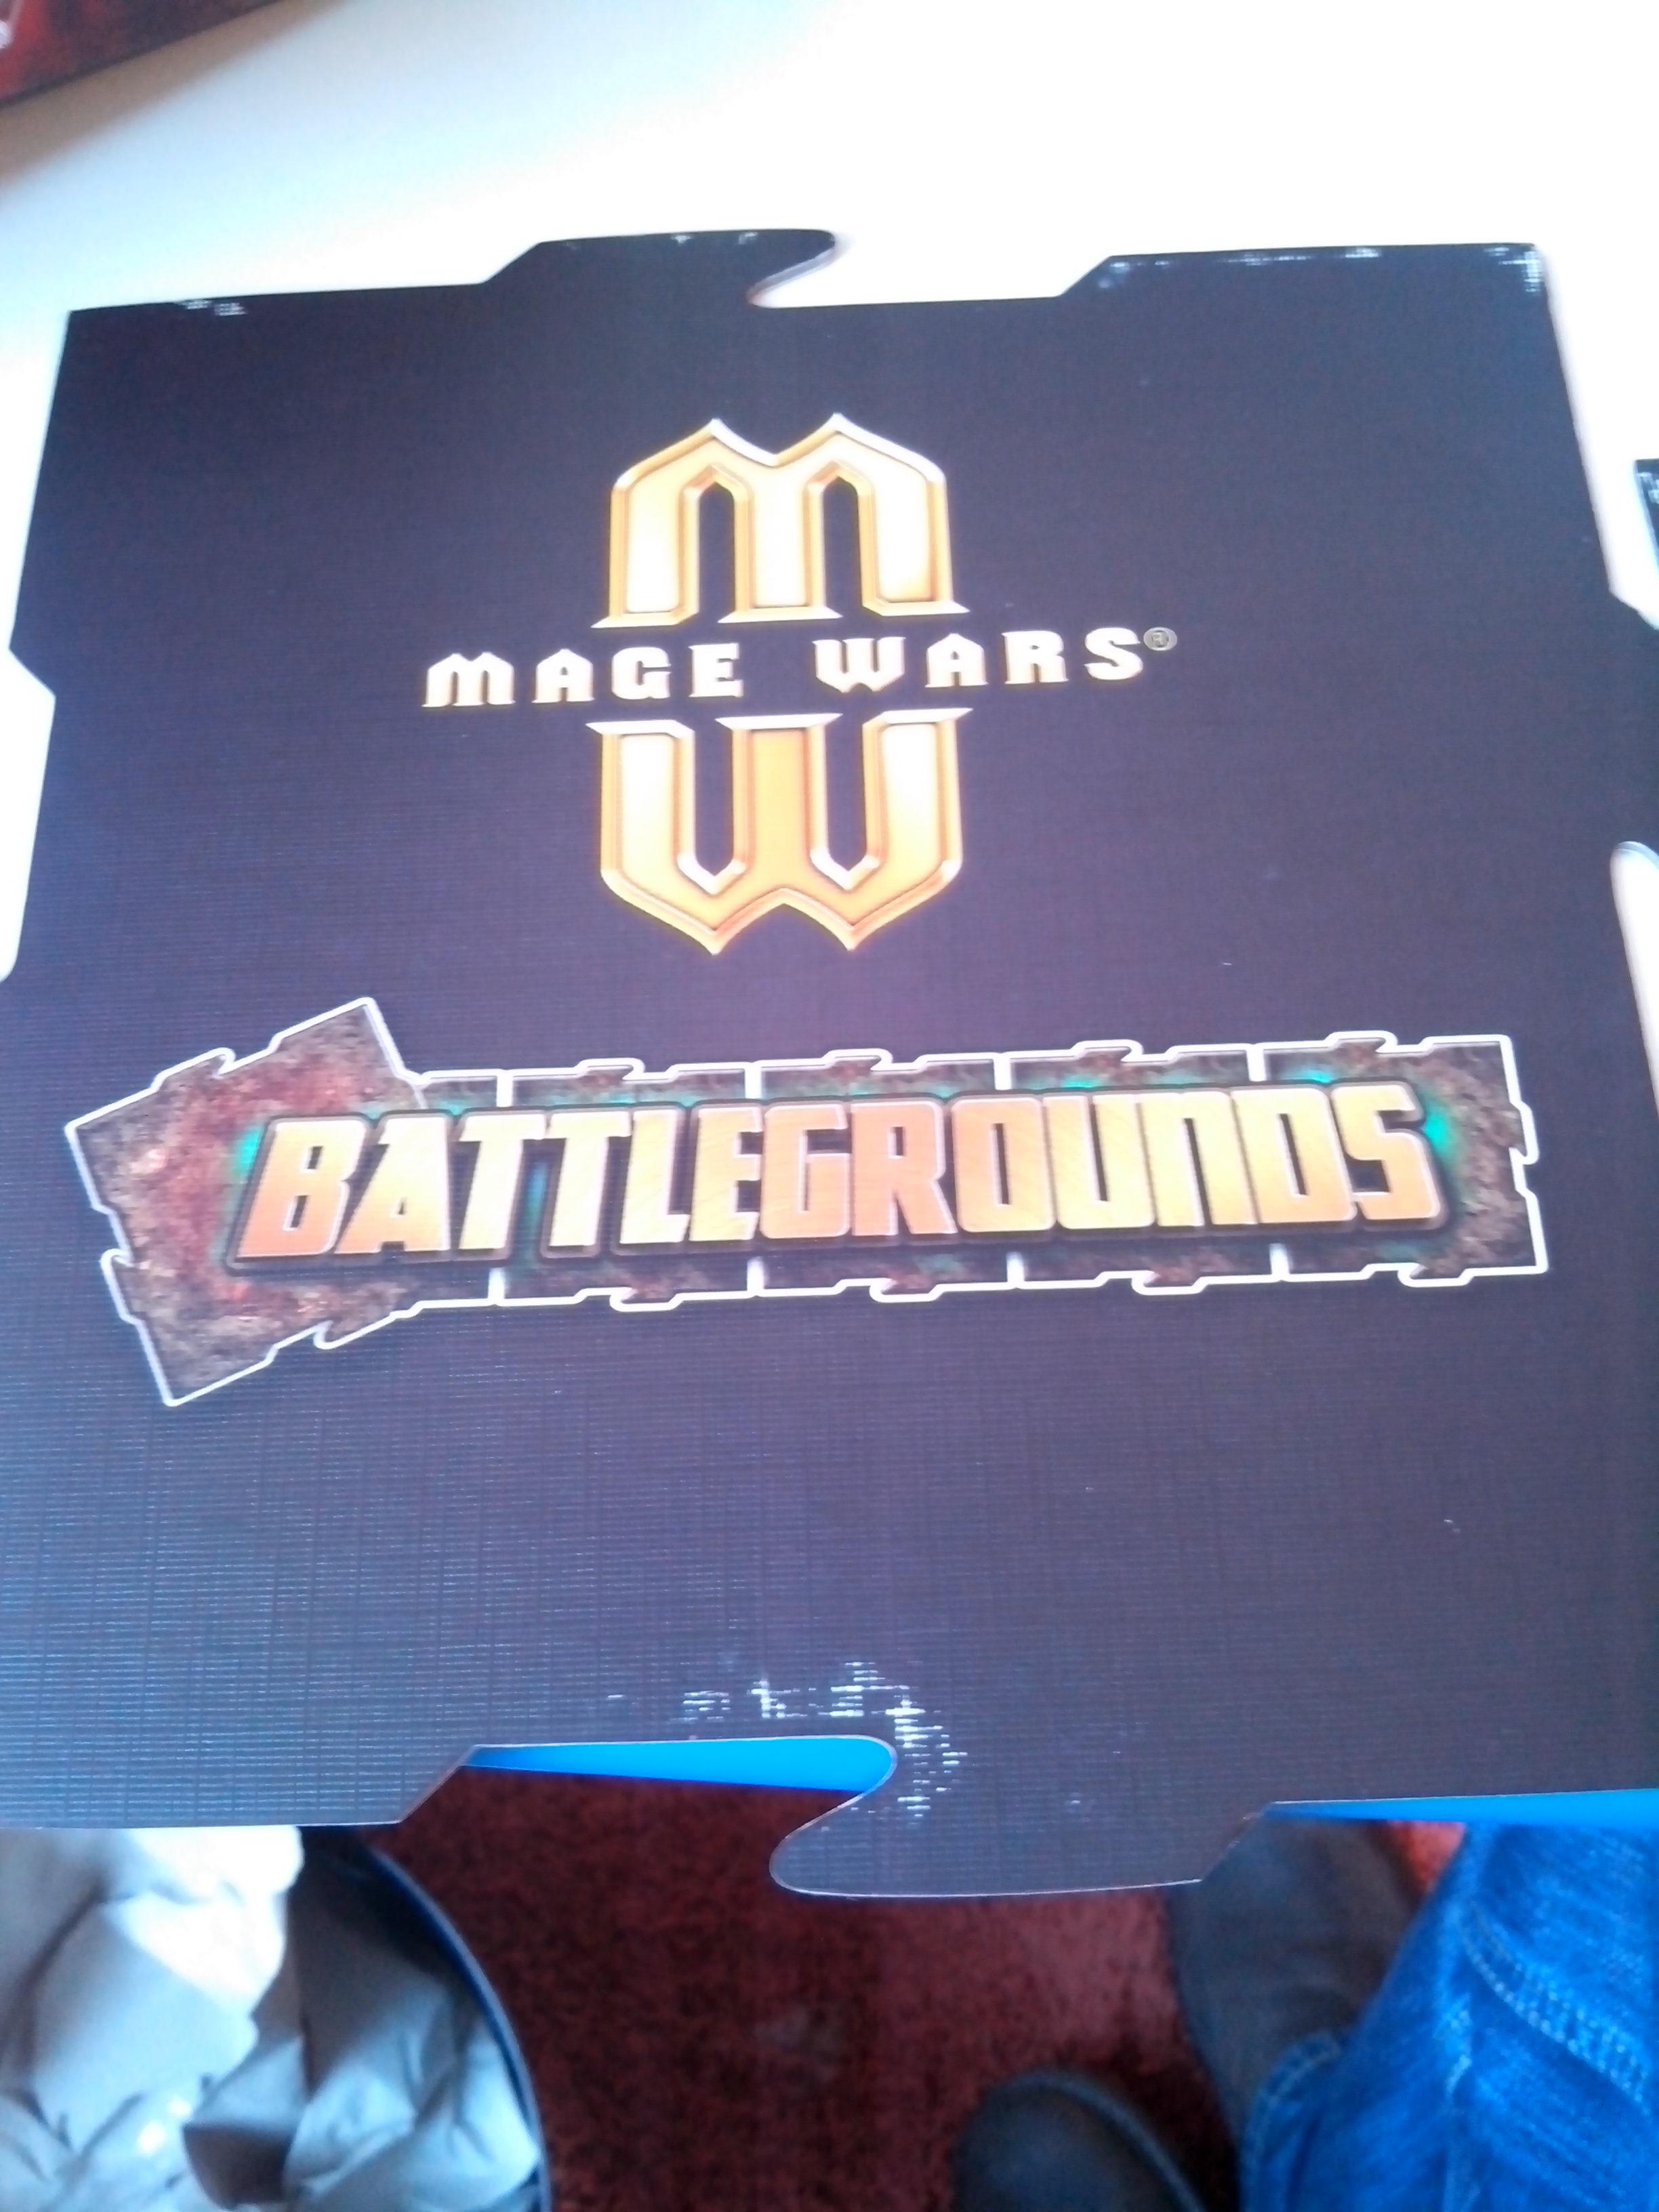 BattlegroundsTiles.jpg